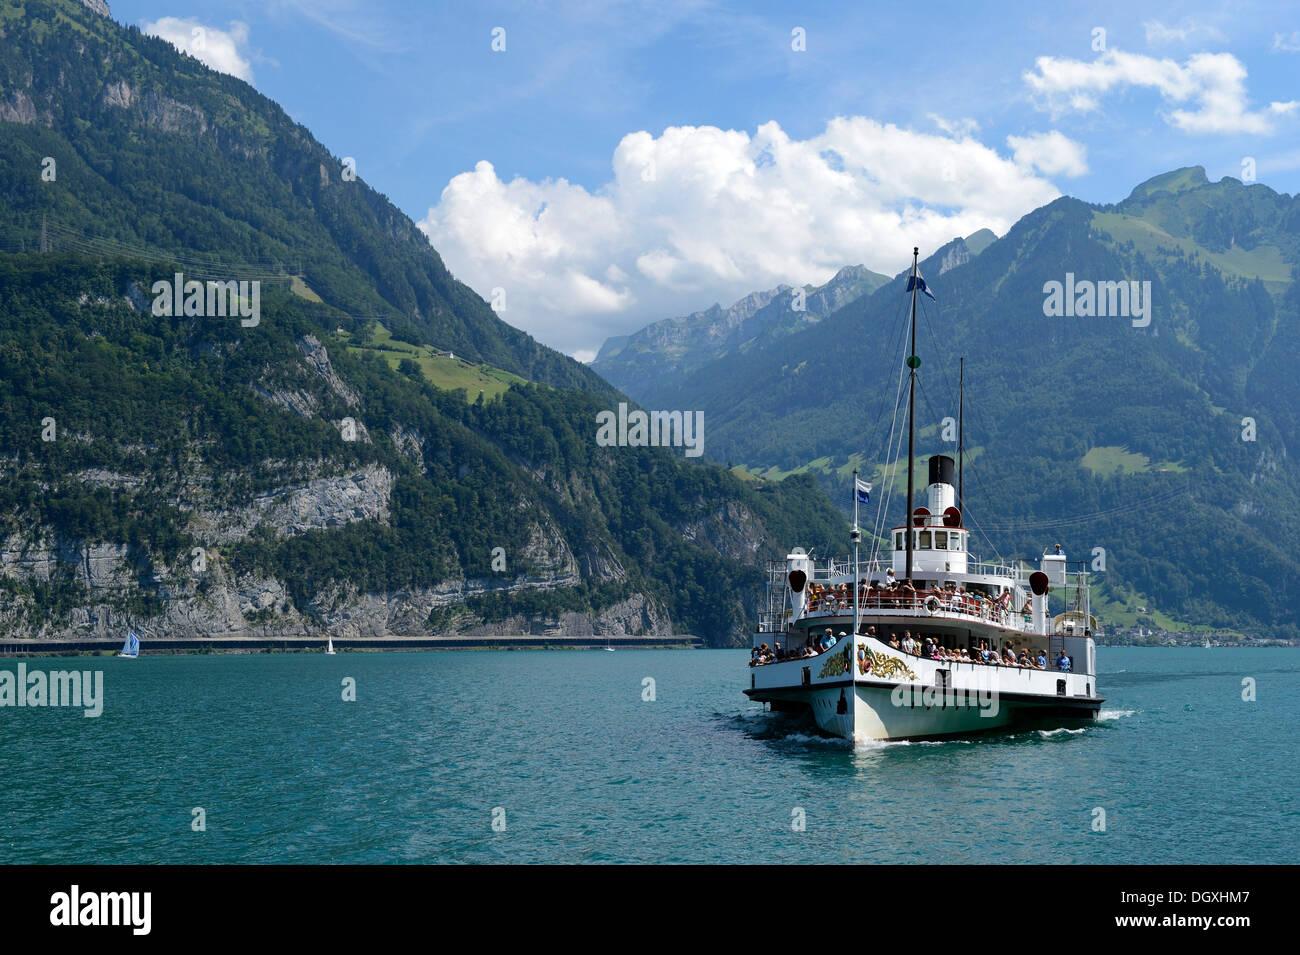 DS Stadt Luzern, der grösste Raddampfer auf dem Vierwaldstättersee, Brunnen, Schweiz, Europa Stockbild